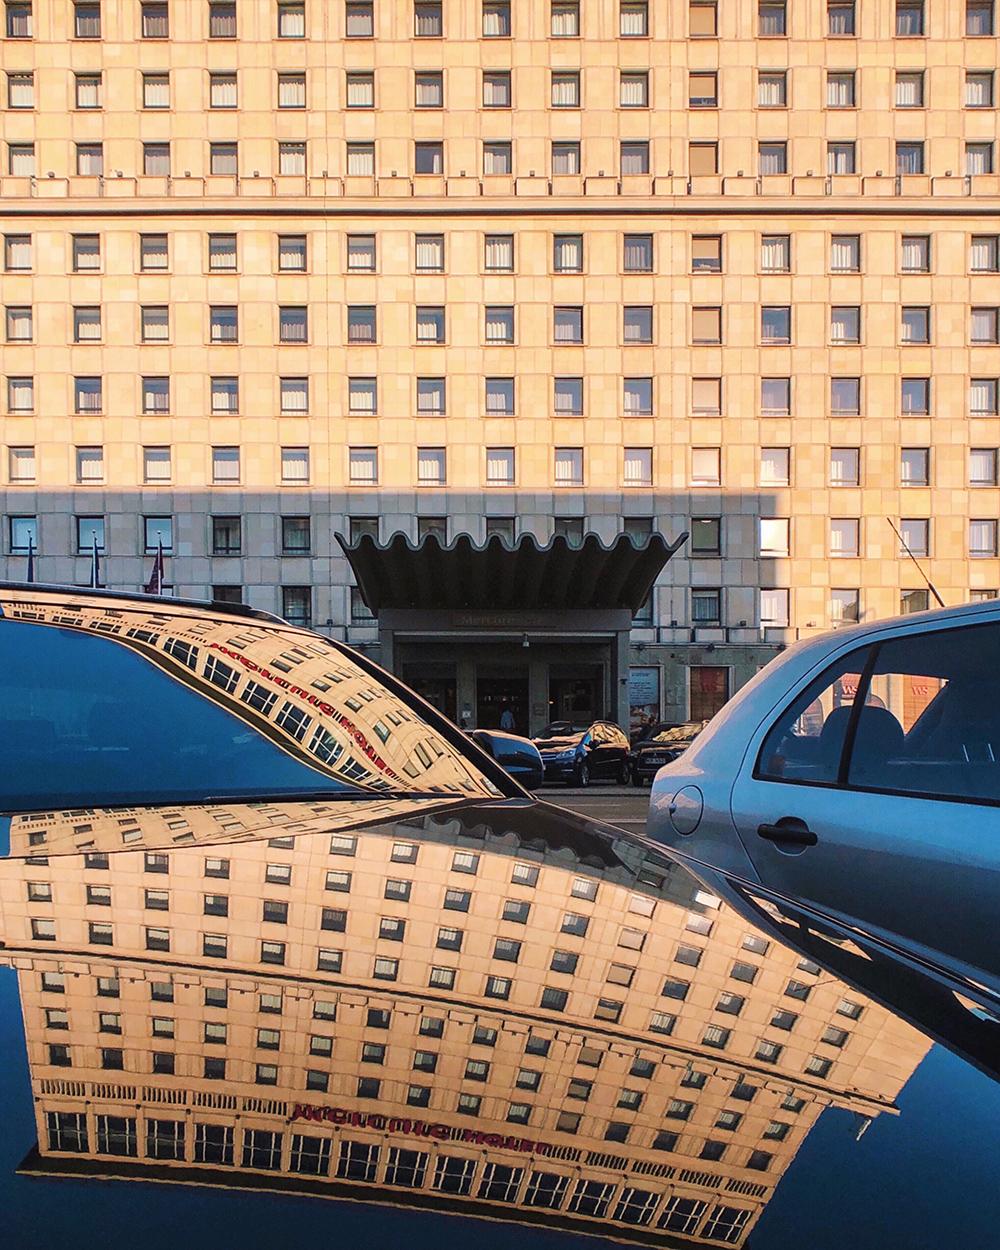 Победитель в категории «Архитектура и дизайн». Фотограф Mariusz Majewski